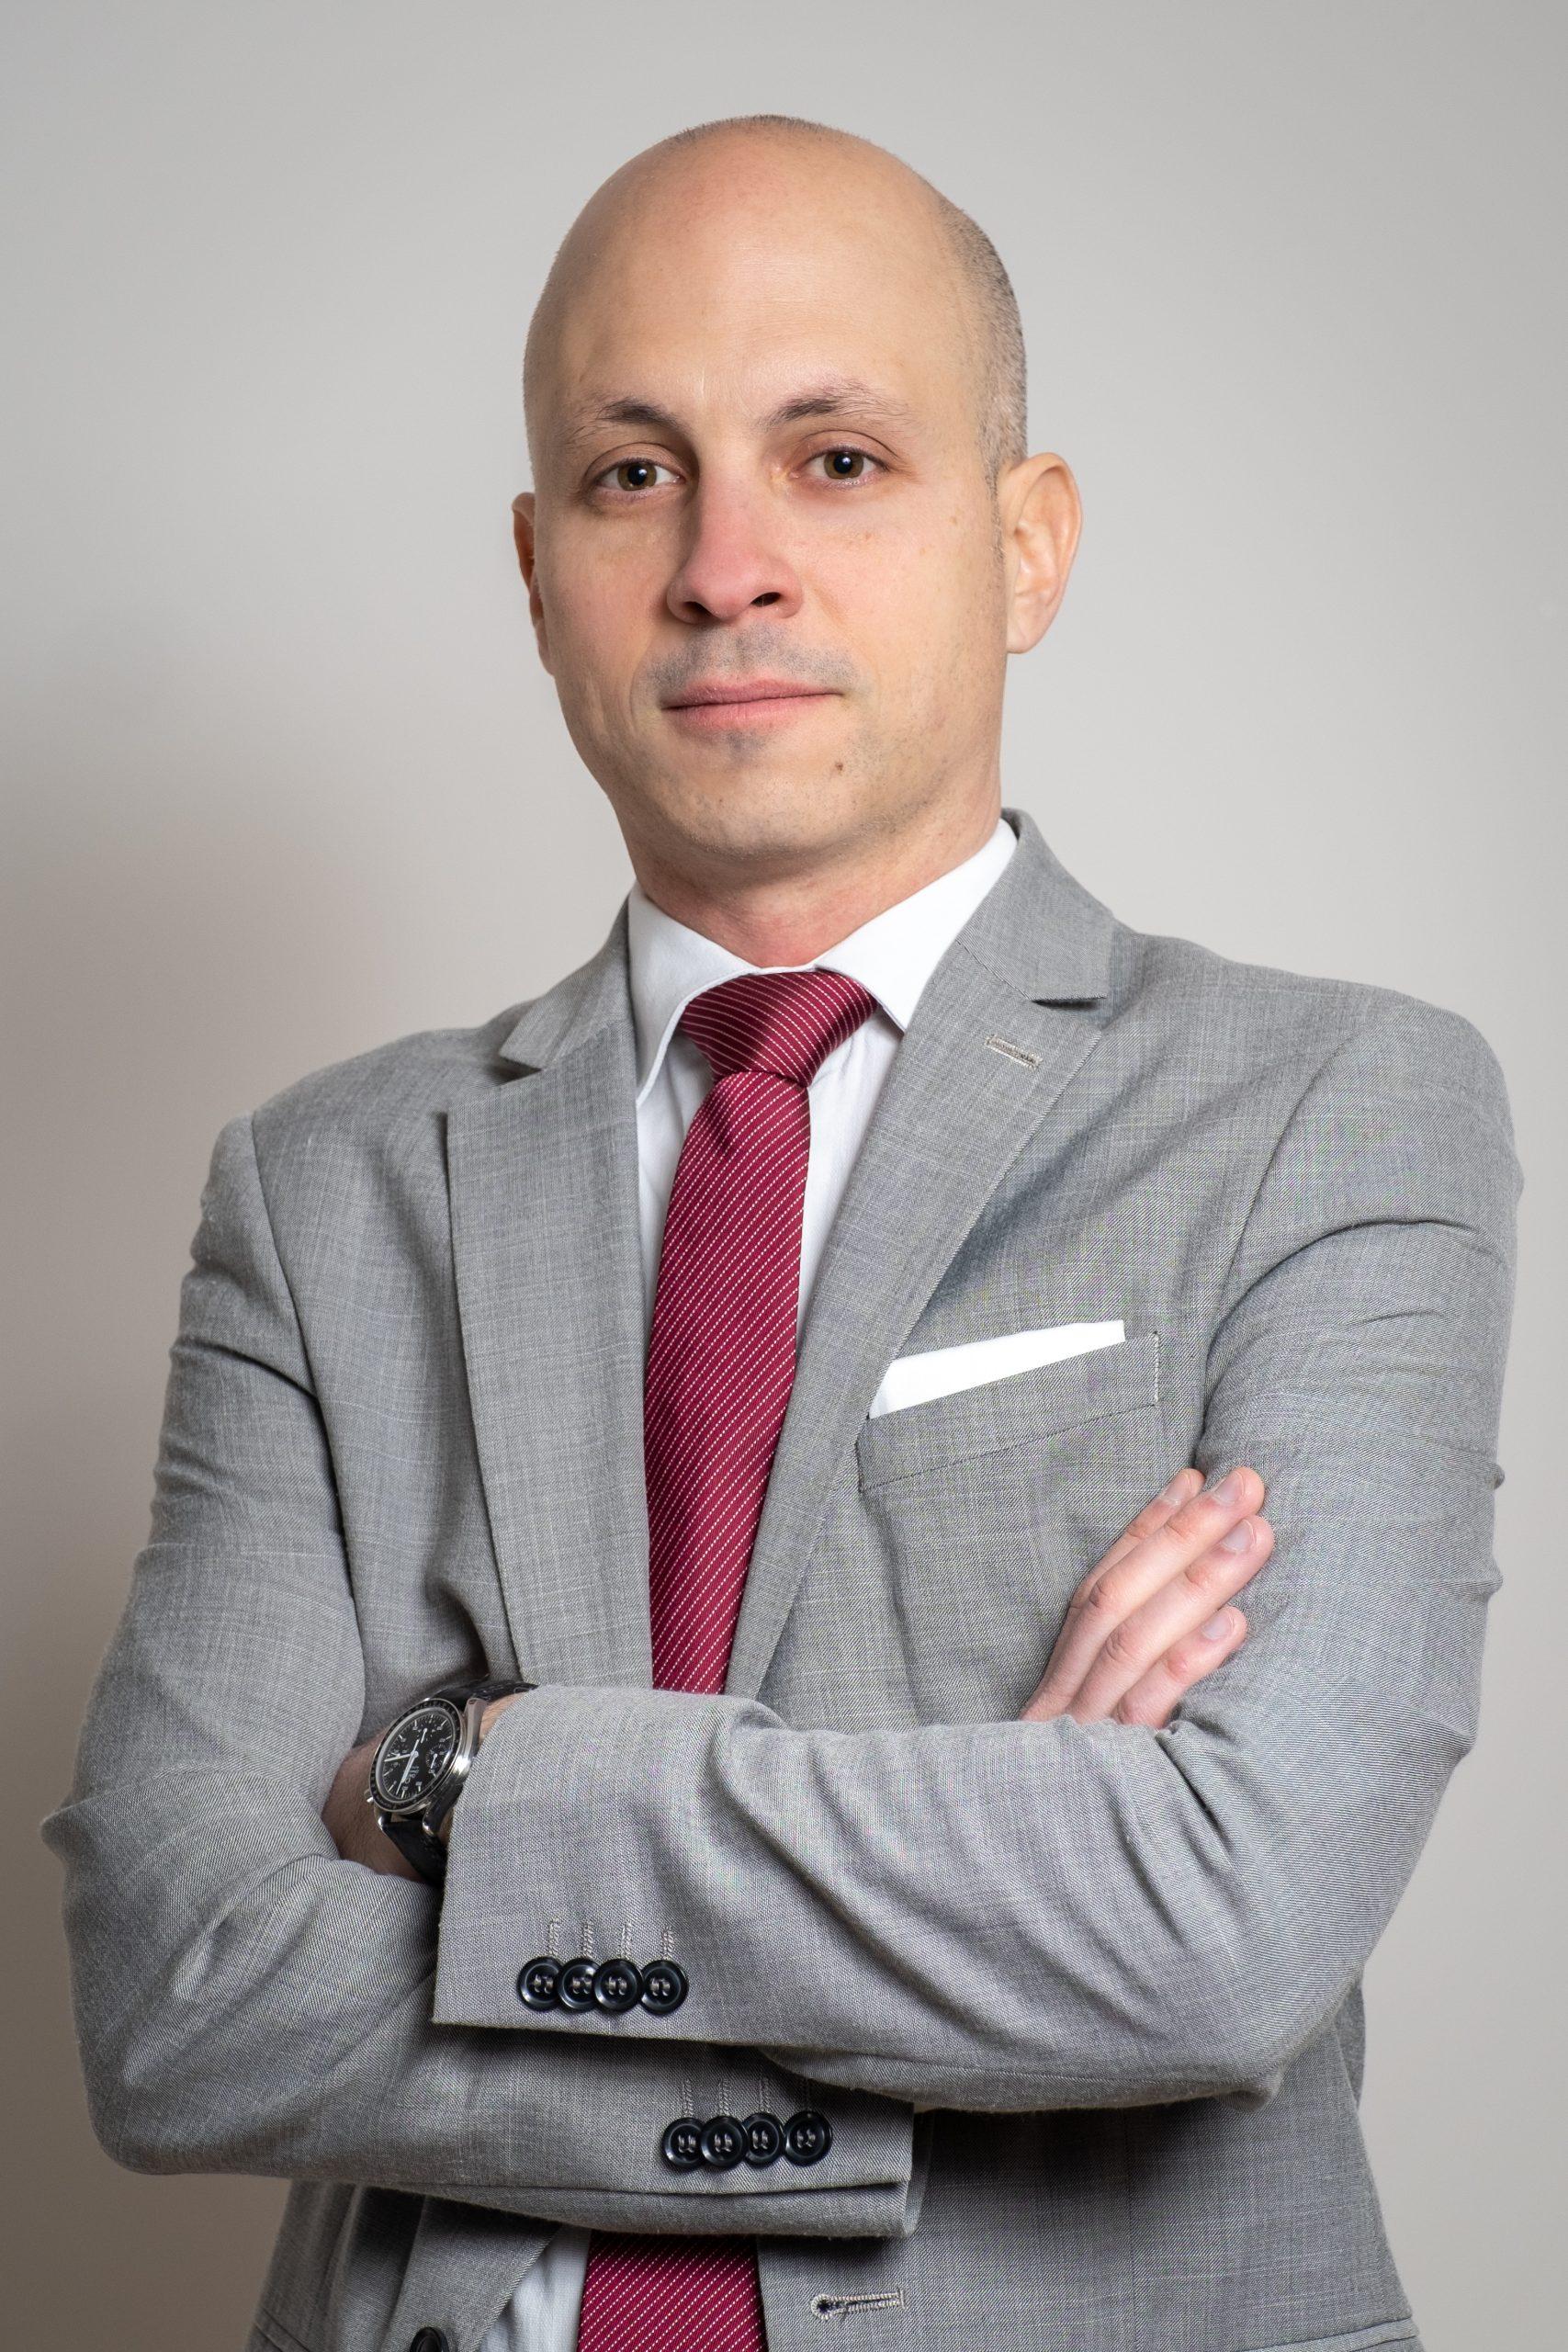 Gastroenterologo italiano a Londra specializzato in endoscopia digestiva